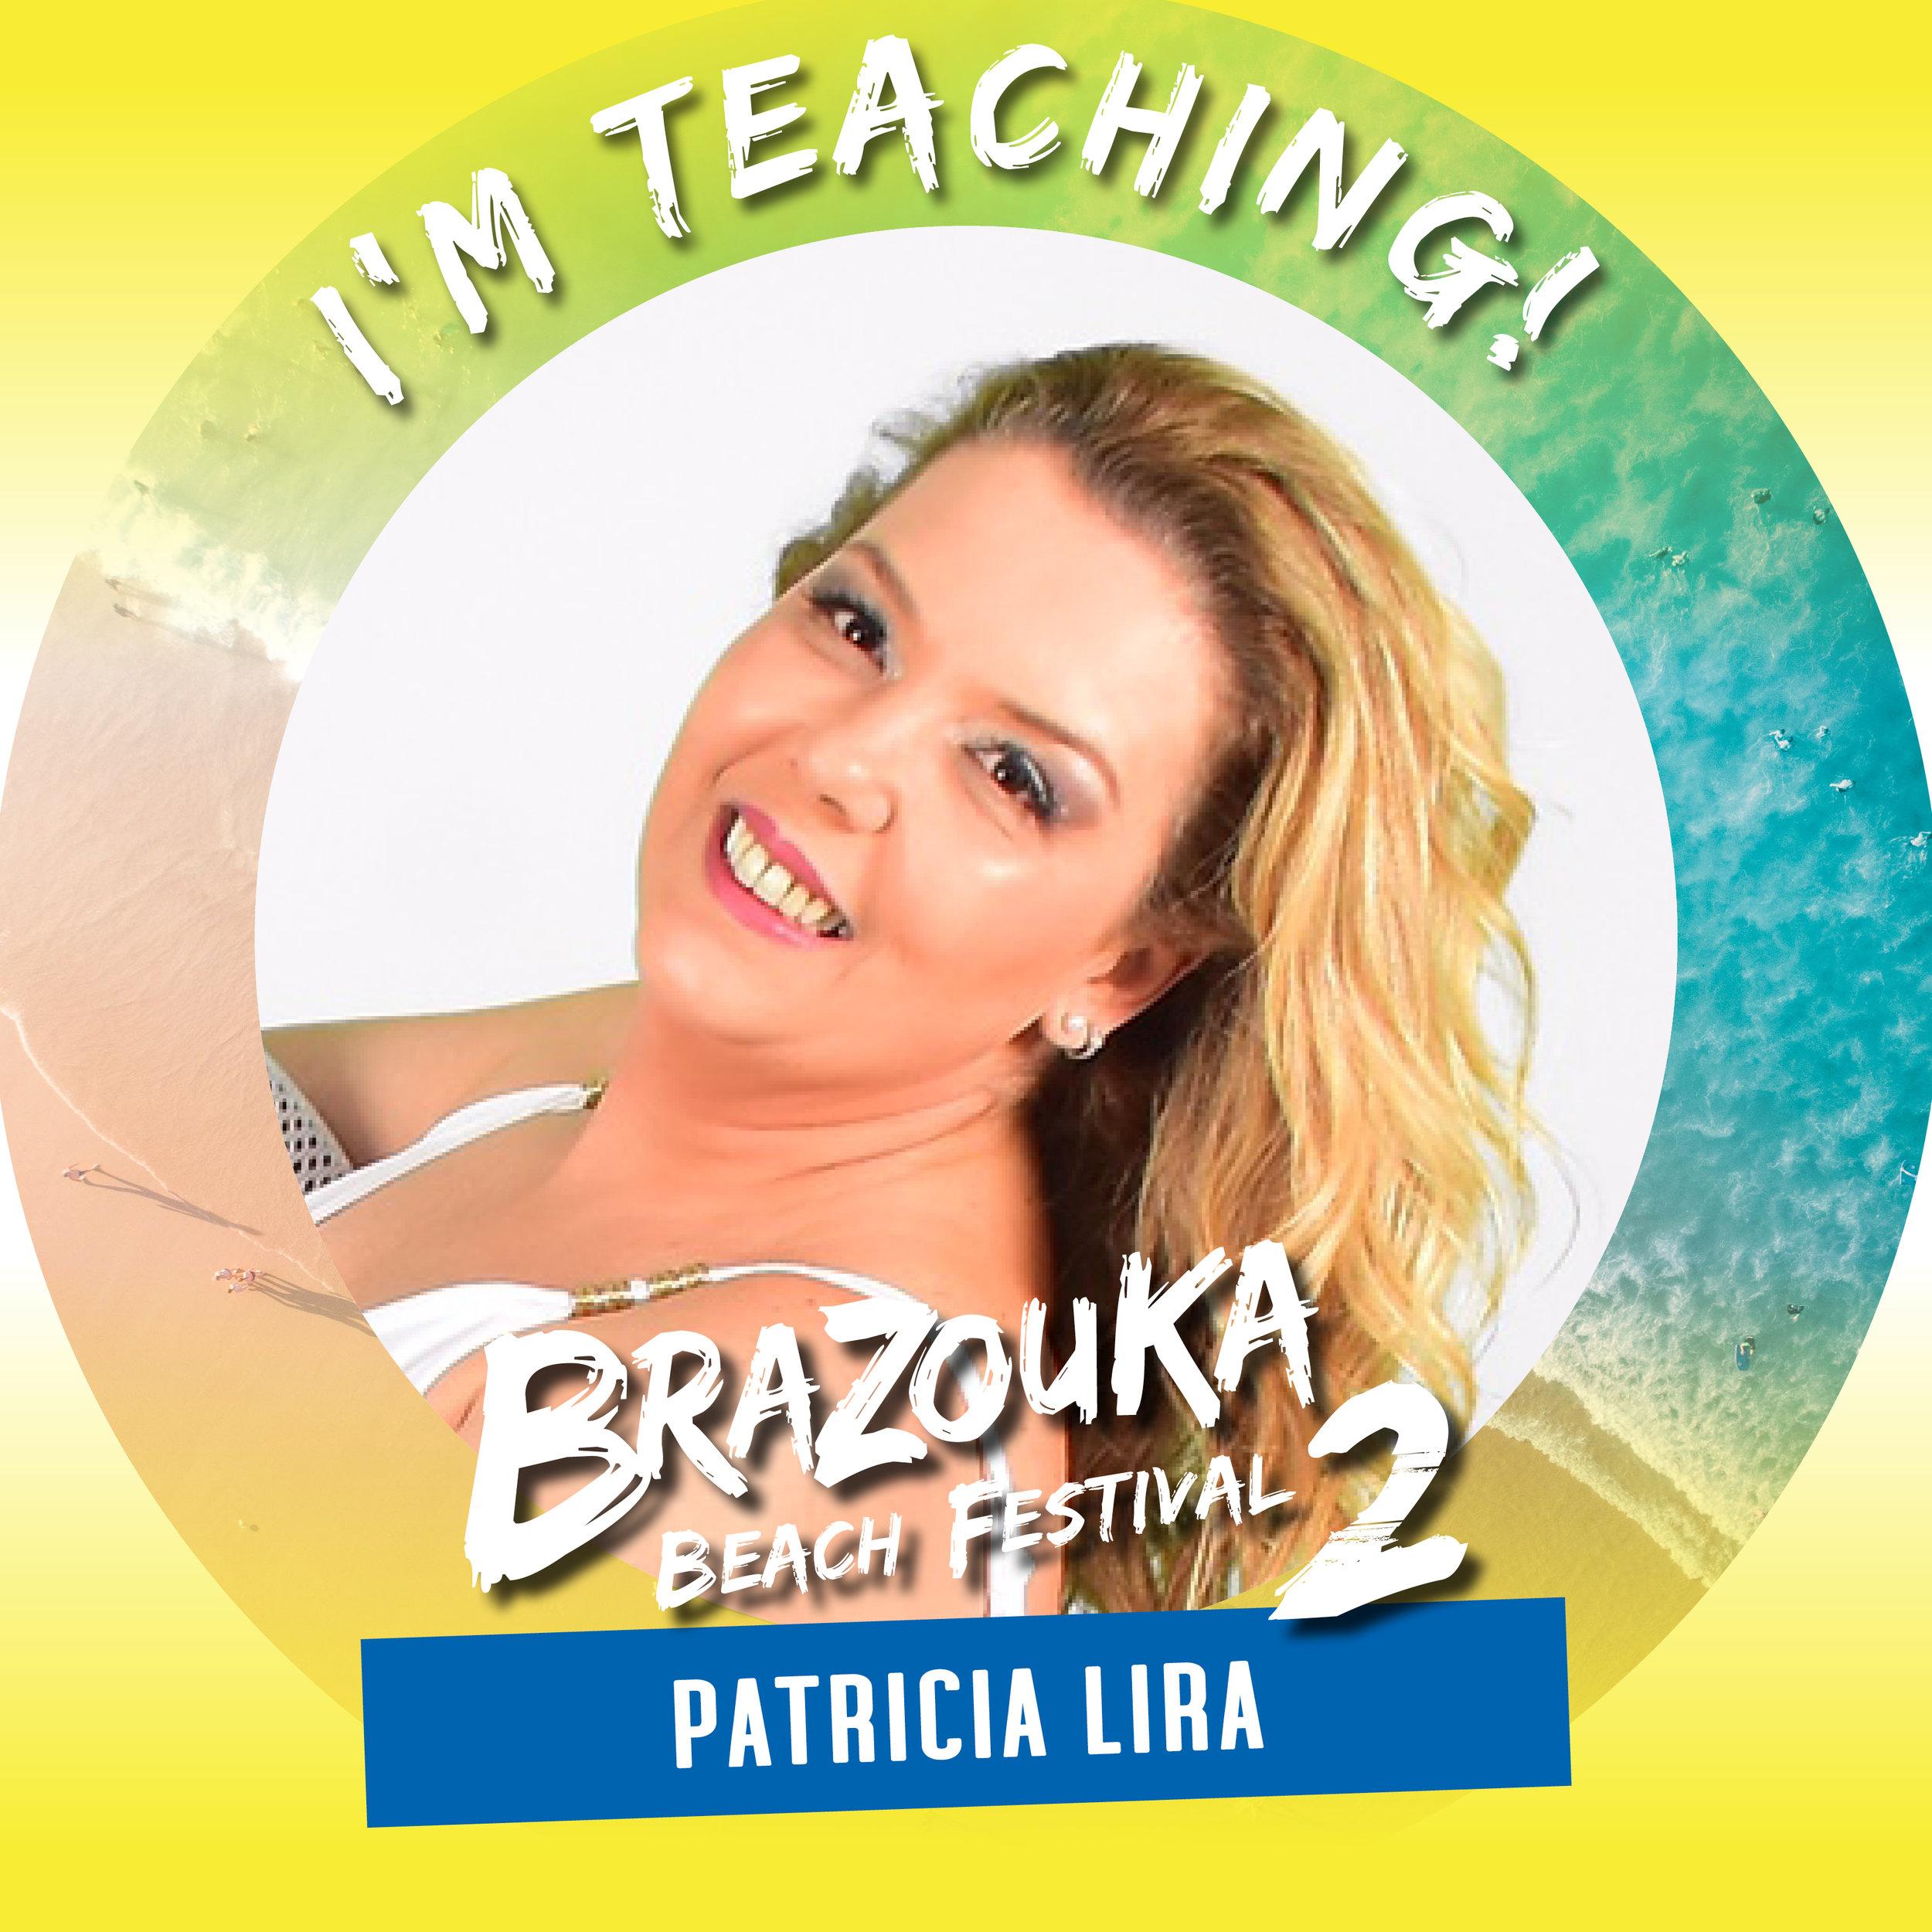 Patricia Lira